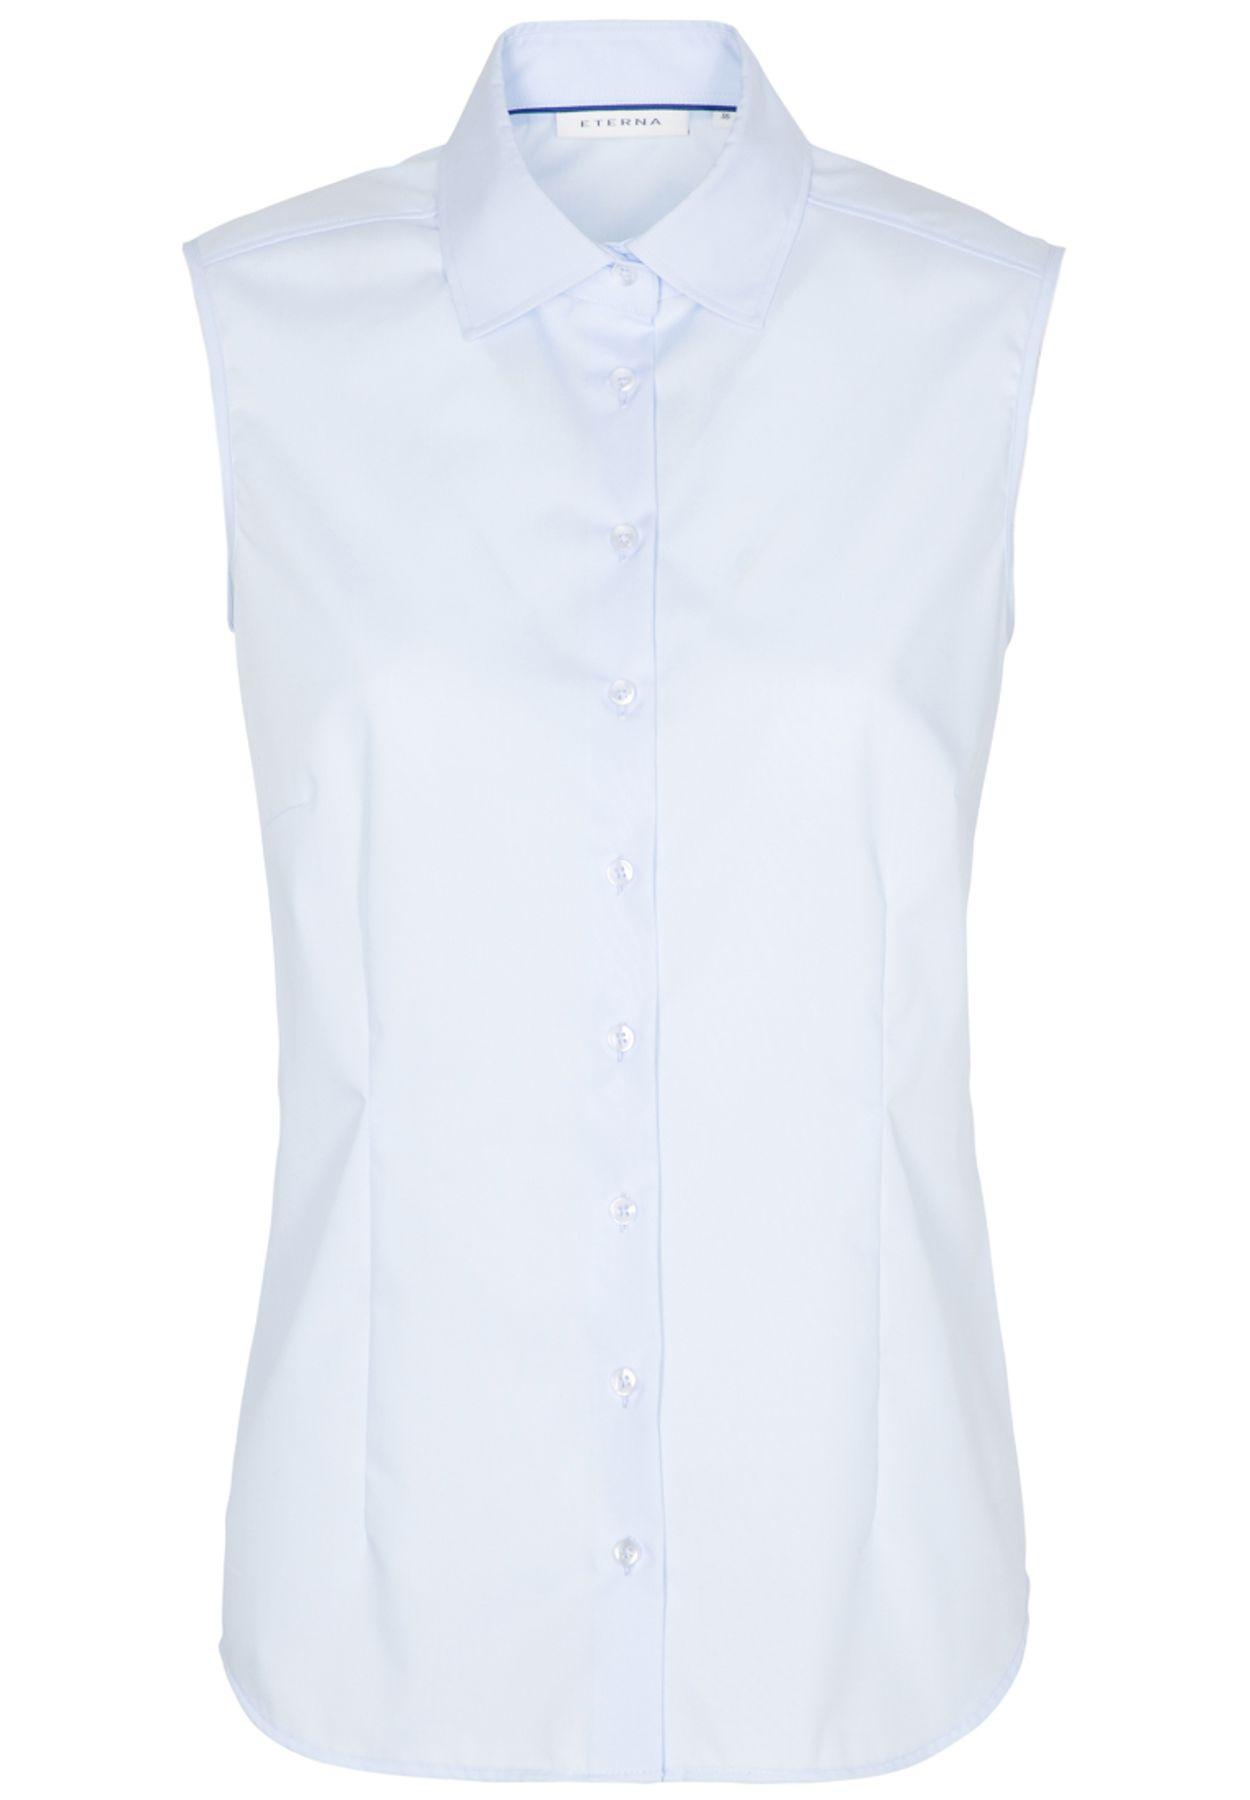 Eterna -  Comfort-Fit - Bügelfreie Damen Bluse ohne Arm in Weiß, Hellblau oder Rosa (5220 A790) – Bild 6